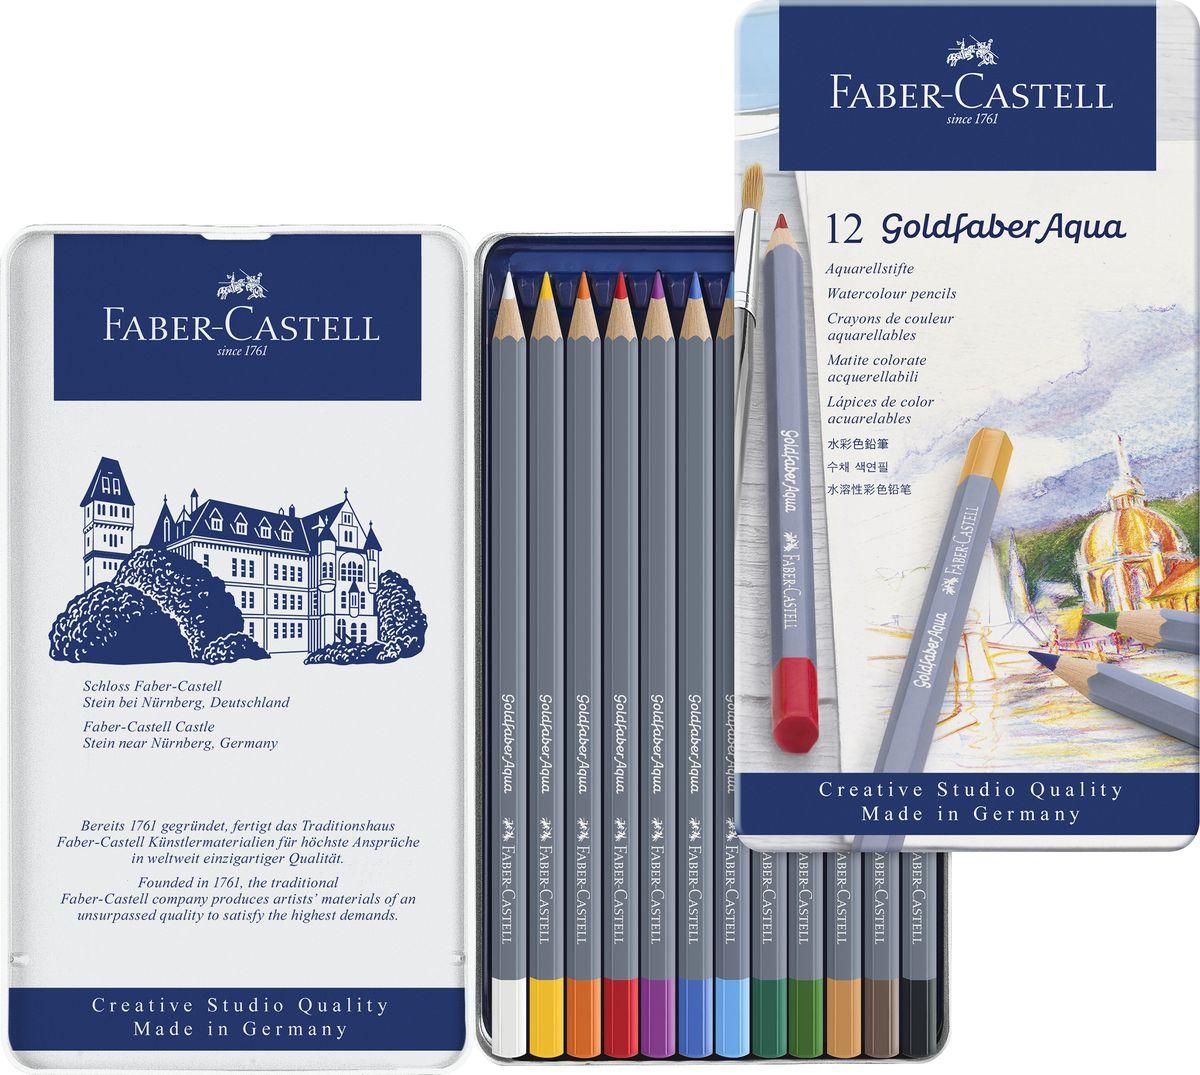 Faber-Castell Набор цветных акварельных карандашей Goldfaber Aqua 12 цветов114612Акварельные карандашиGoldfaberAquaотFaber-Castellподойдут как для любителей, так и для профессионалов. Утолщенный грифель (3,3 мм) не только увеличивает срок службы карандаша, но и позволяет закрашивать большие пространства. Грифель насыщен яркими пигментами и полностью размывается водой. Ключевой особенностью карандашейFaber-Castell является мягкий грифель, который не царапает поверхность бумаги, а ложится плавным слоем, создавая все необходимые условия дляэкспериментовсо смешением оттенков. Это позволяет создавать полные жизни и красок рисунки. Карандаши обладают высоким уровнем светостойкости и не выцветают на солнце или под искусственным освещением. Упаковка: металлическая коробка, 12 шт. Сделано в Германии.